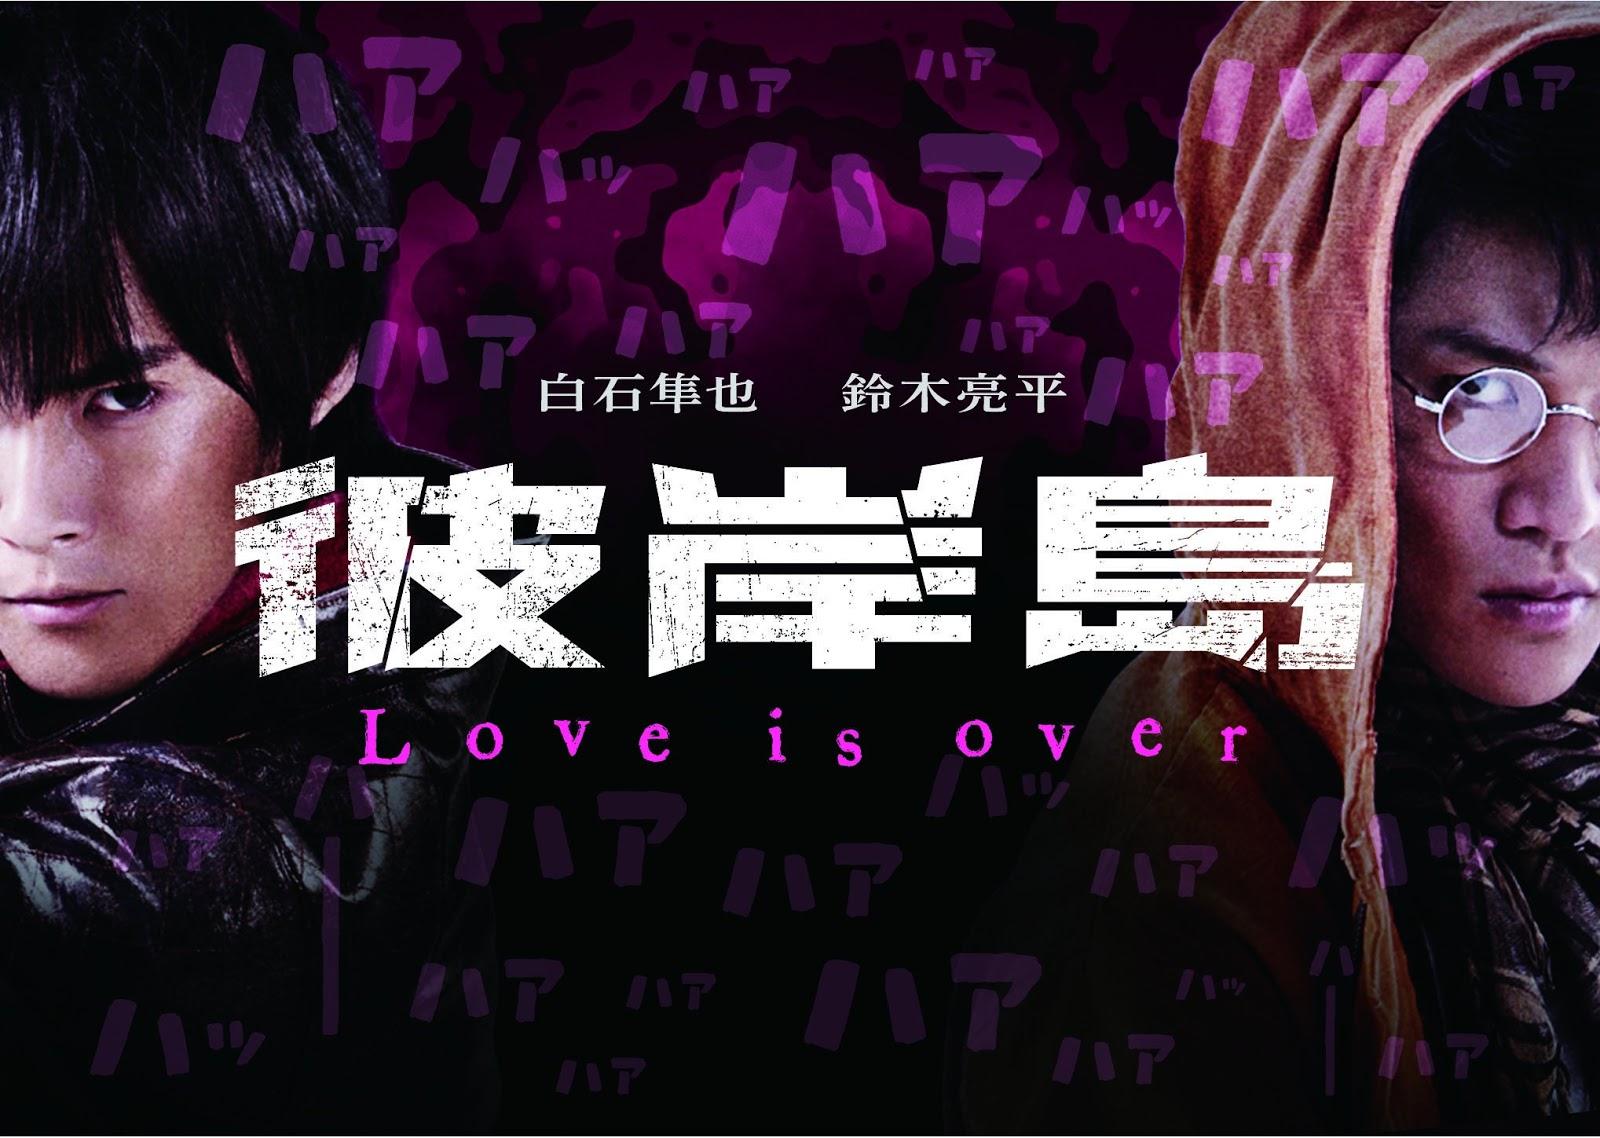 Higanjima: Love Is Over - Bỉ Ngạn Đảo / Đảo Hoa Bỉ Ngạn